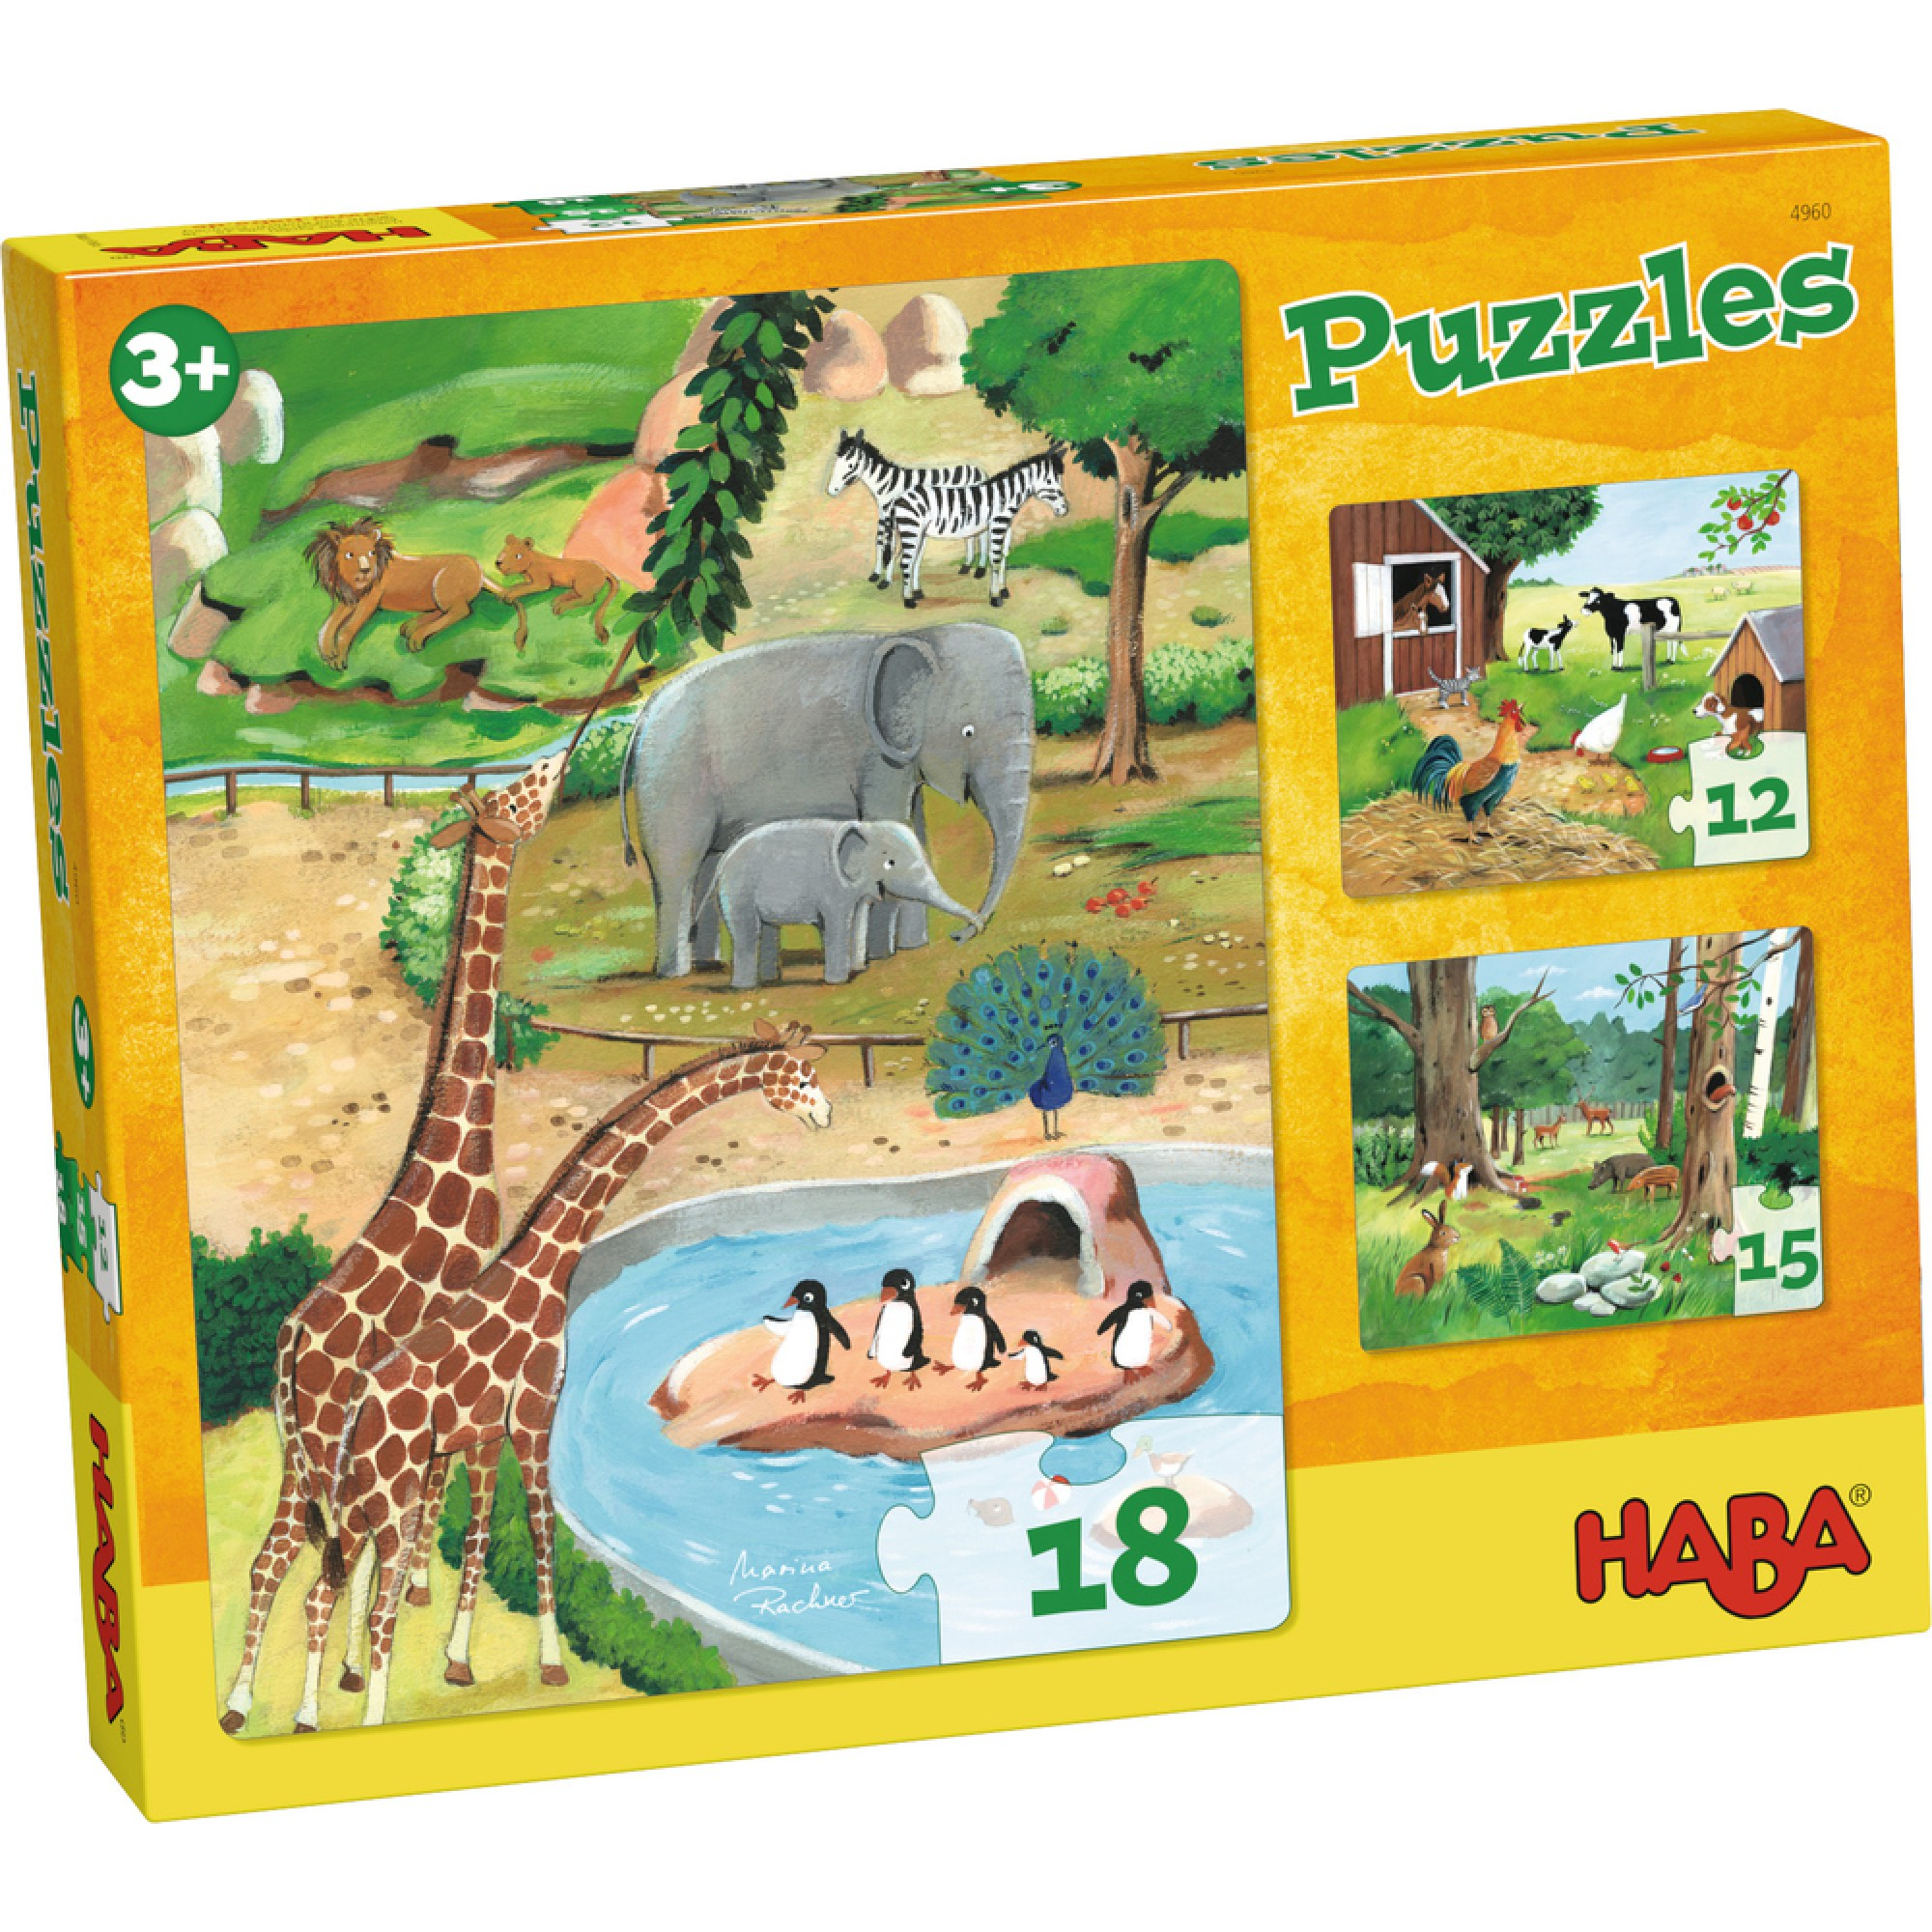 Puzzle cu animale, 3 modele, Haba, 3ani+